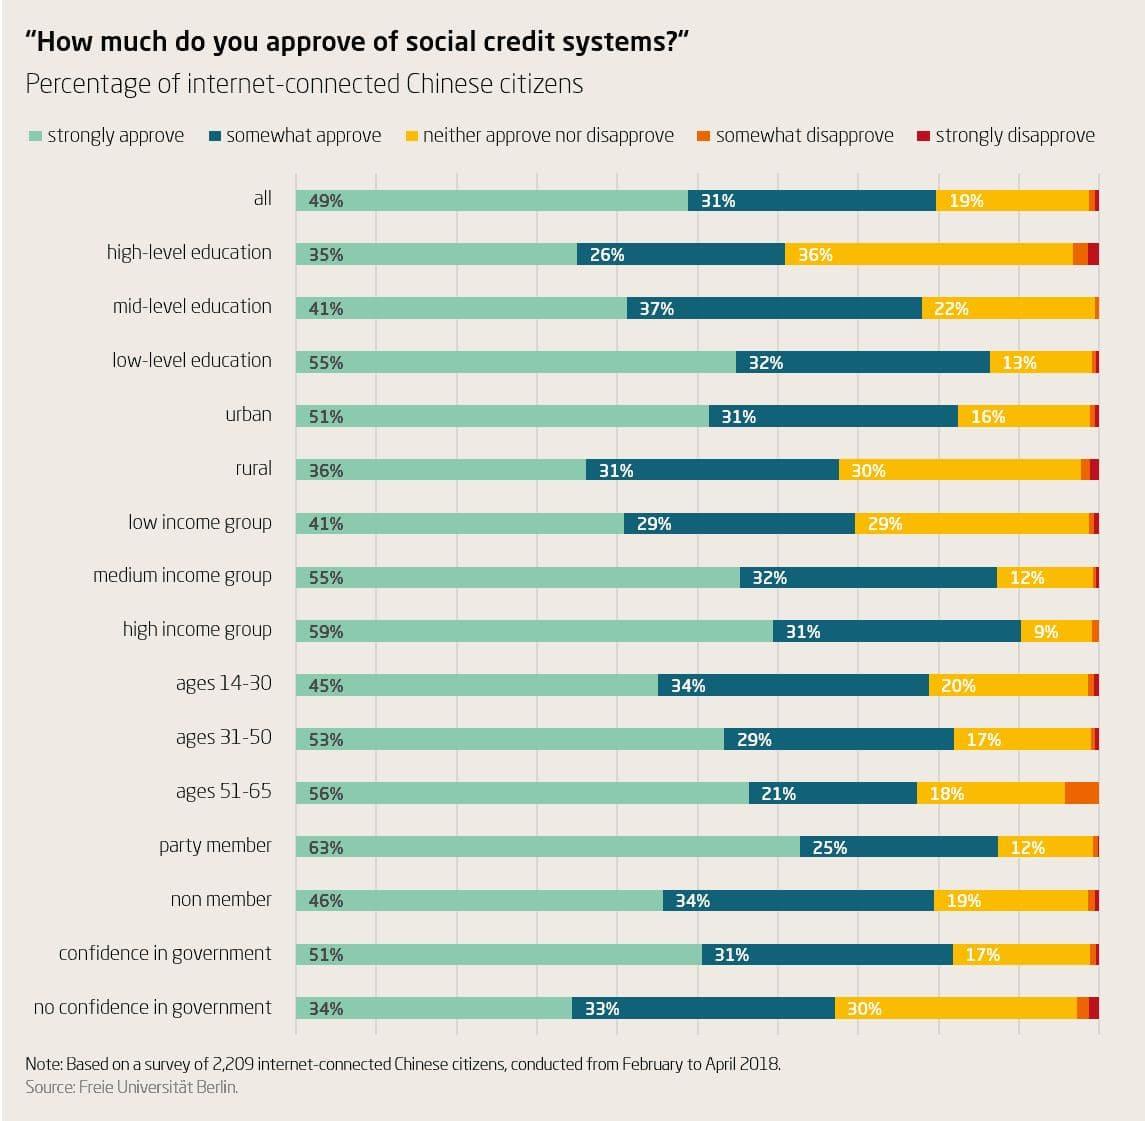 Поддержка системы социального кредита гражданами КНР по основным социальным группам (интернет-опрос 2,2 тыс. пользователей, весна 2018 года)